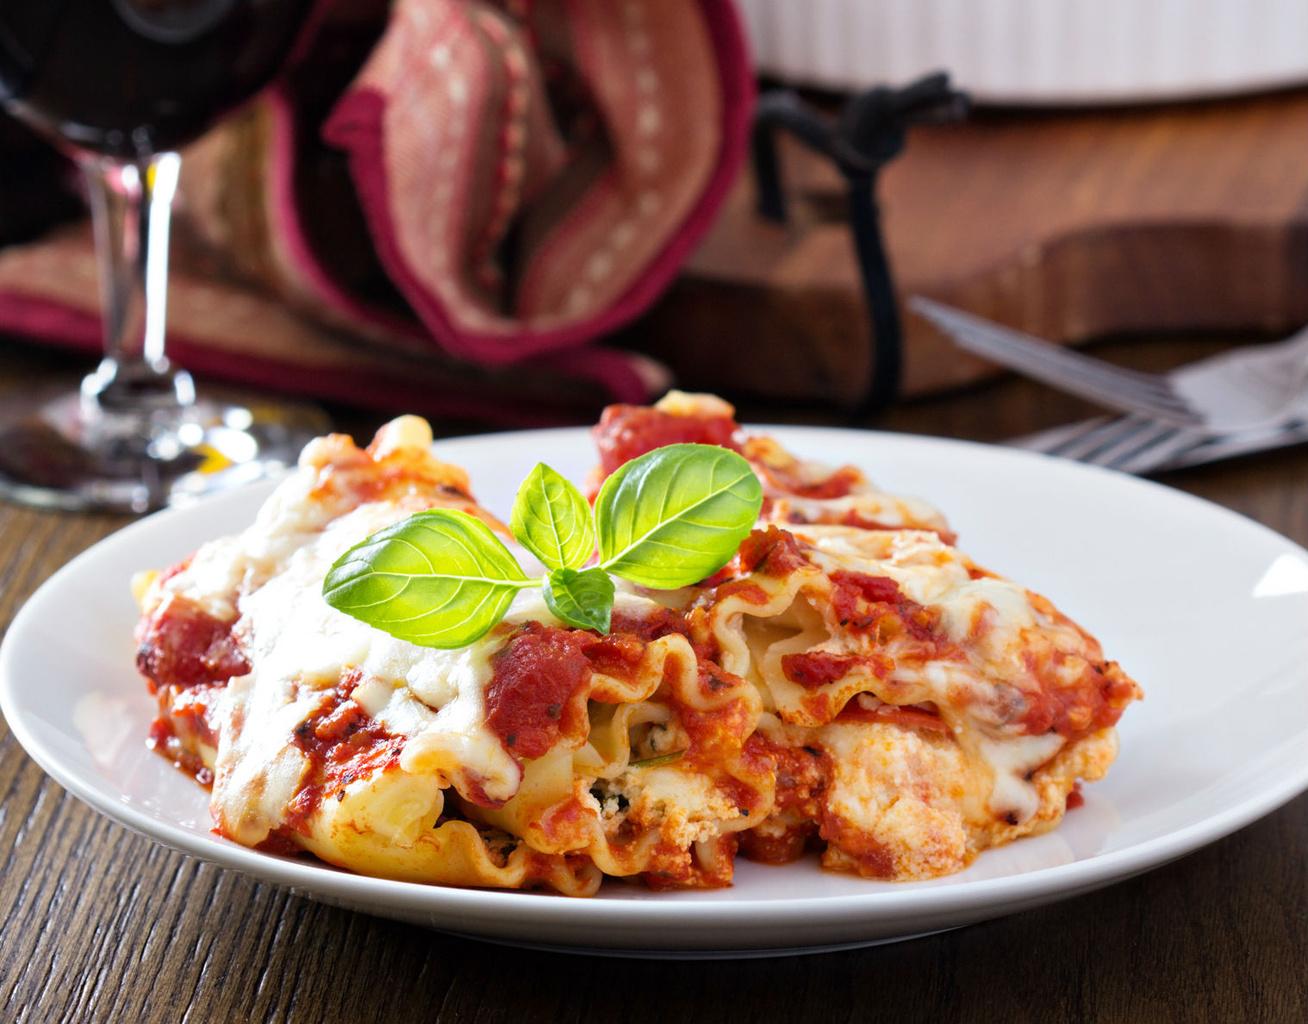 Fantasztikus lasagnetekercsek - Legközelebb így készítsd el